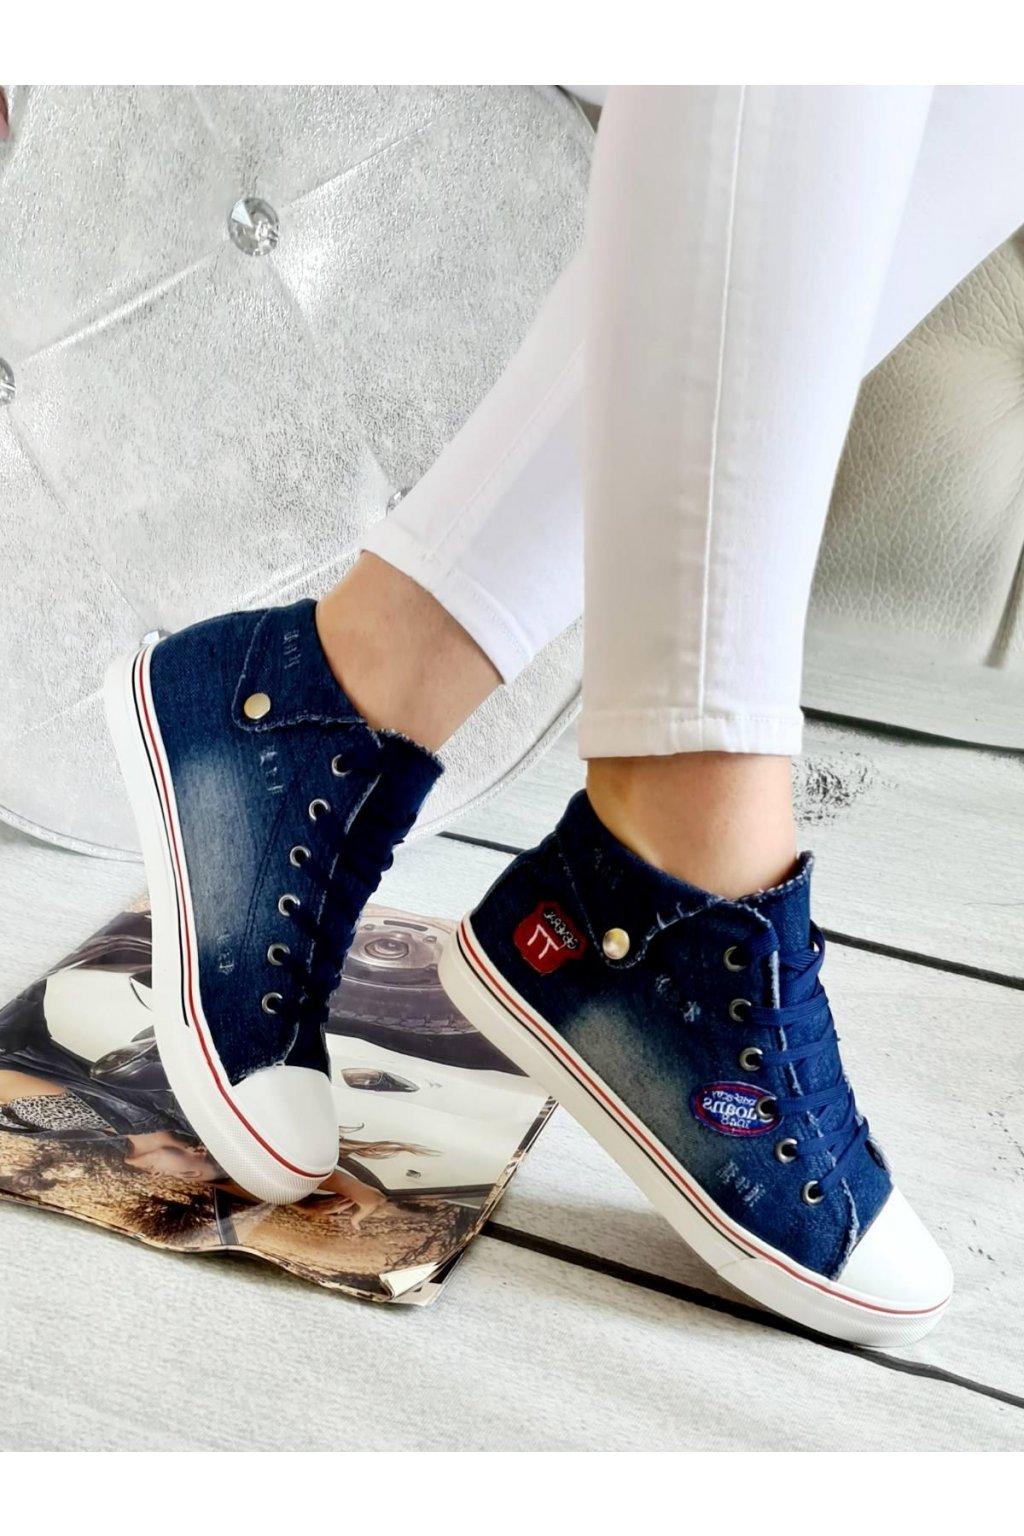 tenisky jeans modré plátěnné